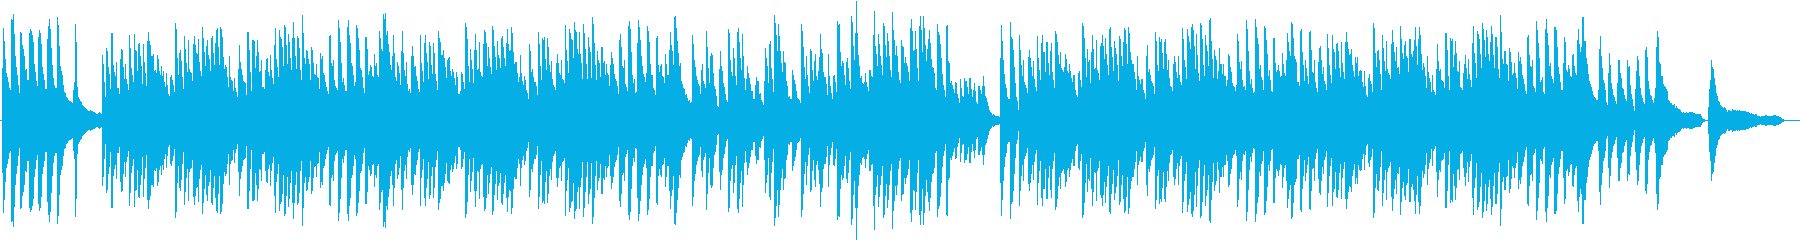 美しい和風ピアノバラードBGMの再生済みの波形